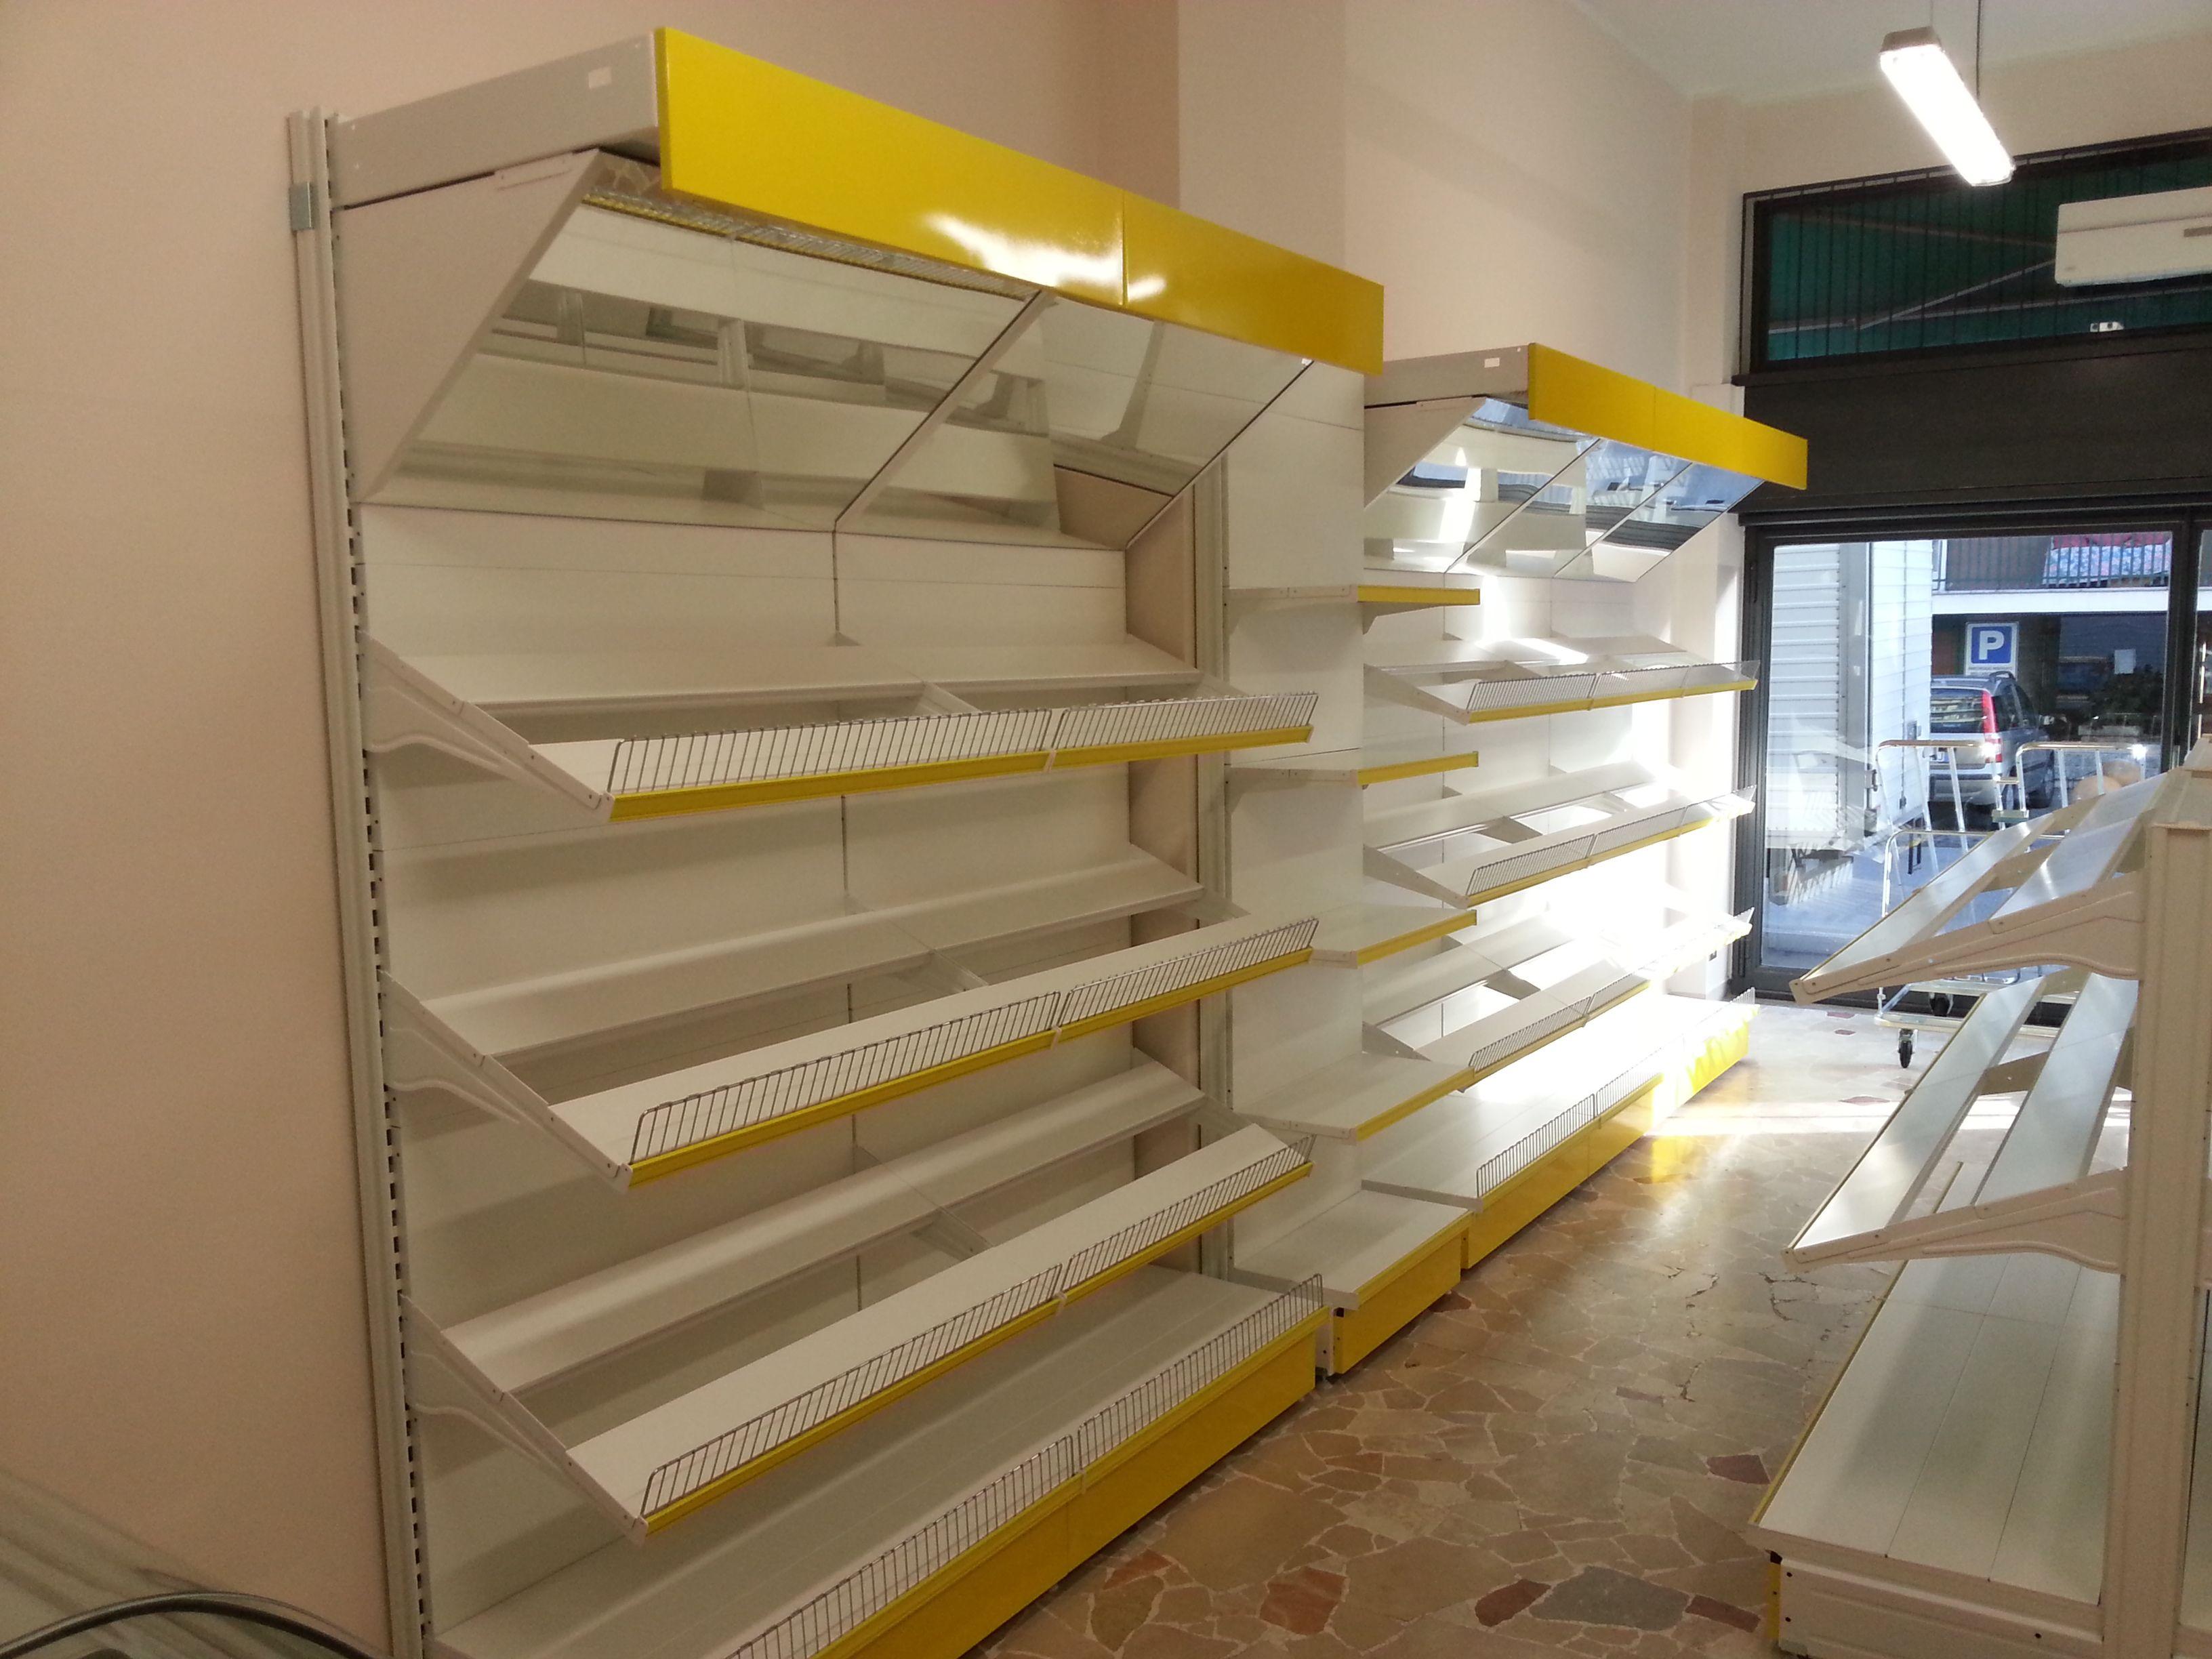 Arredamento Negozi In Legno : Realizziamo arredi per negozi di frutta e verdura con scaffalatura